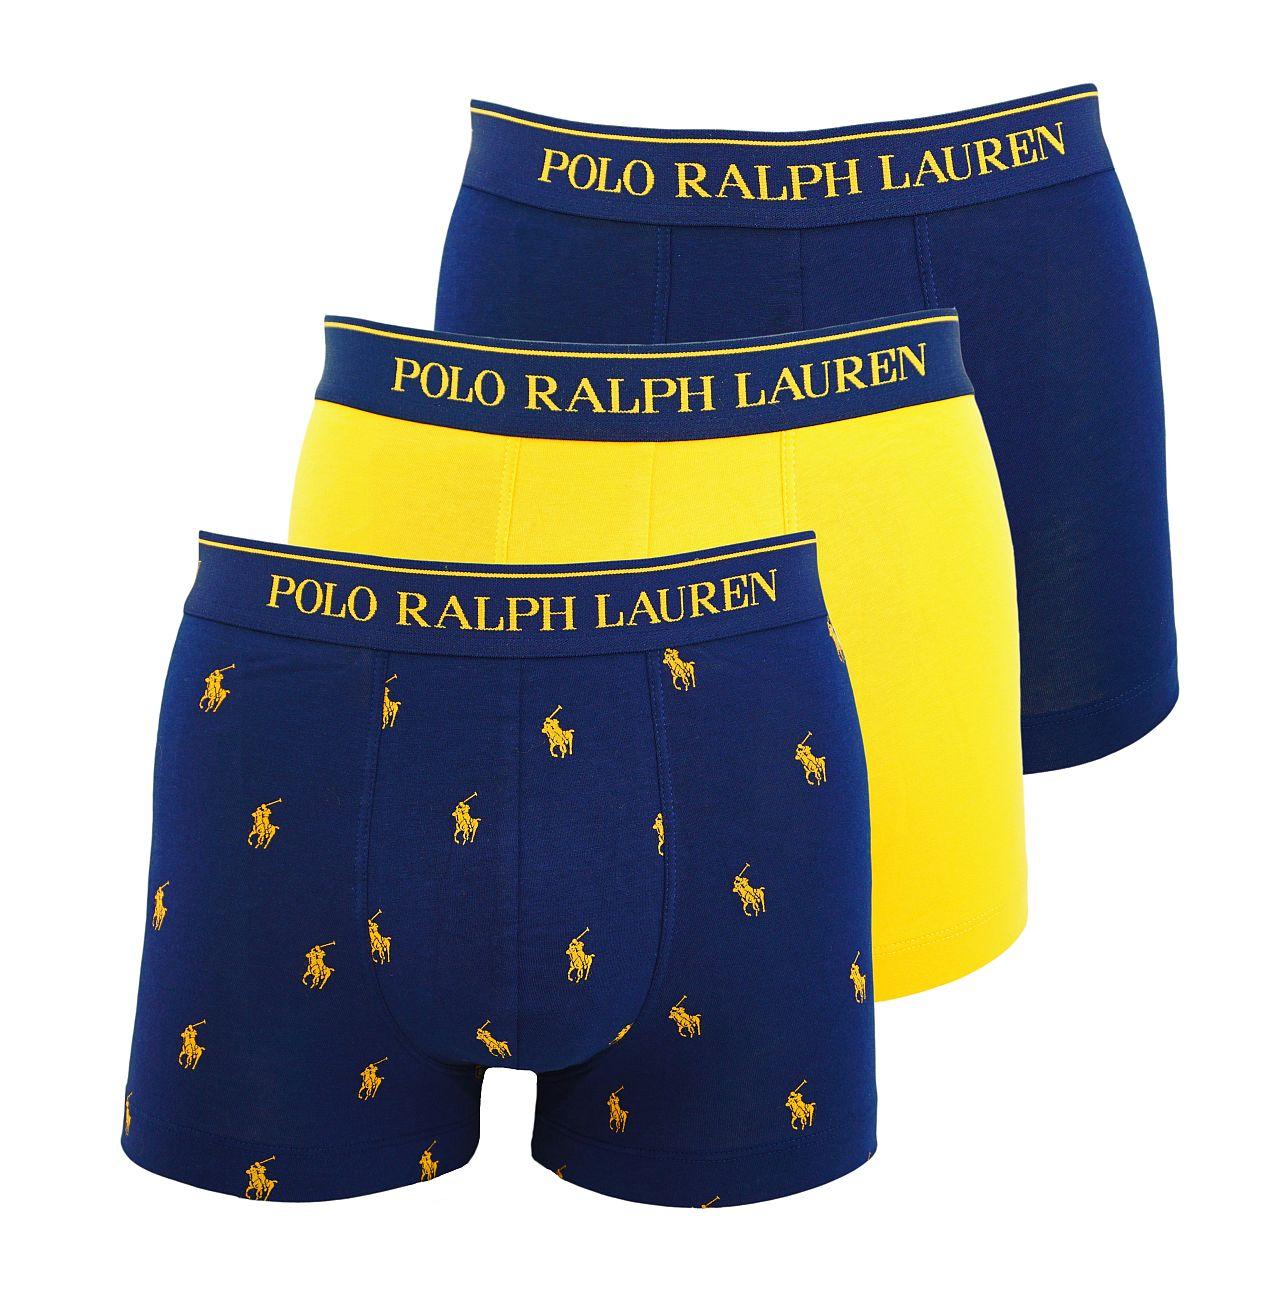 Ralph Lauren 3er Pack Classic Trunks Multicolor 714662050017 S18-RLT1